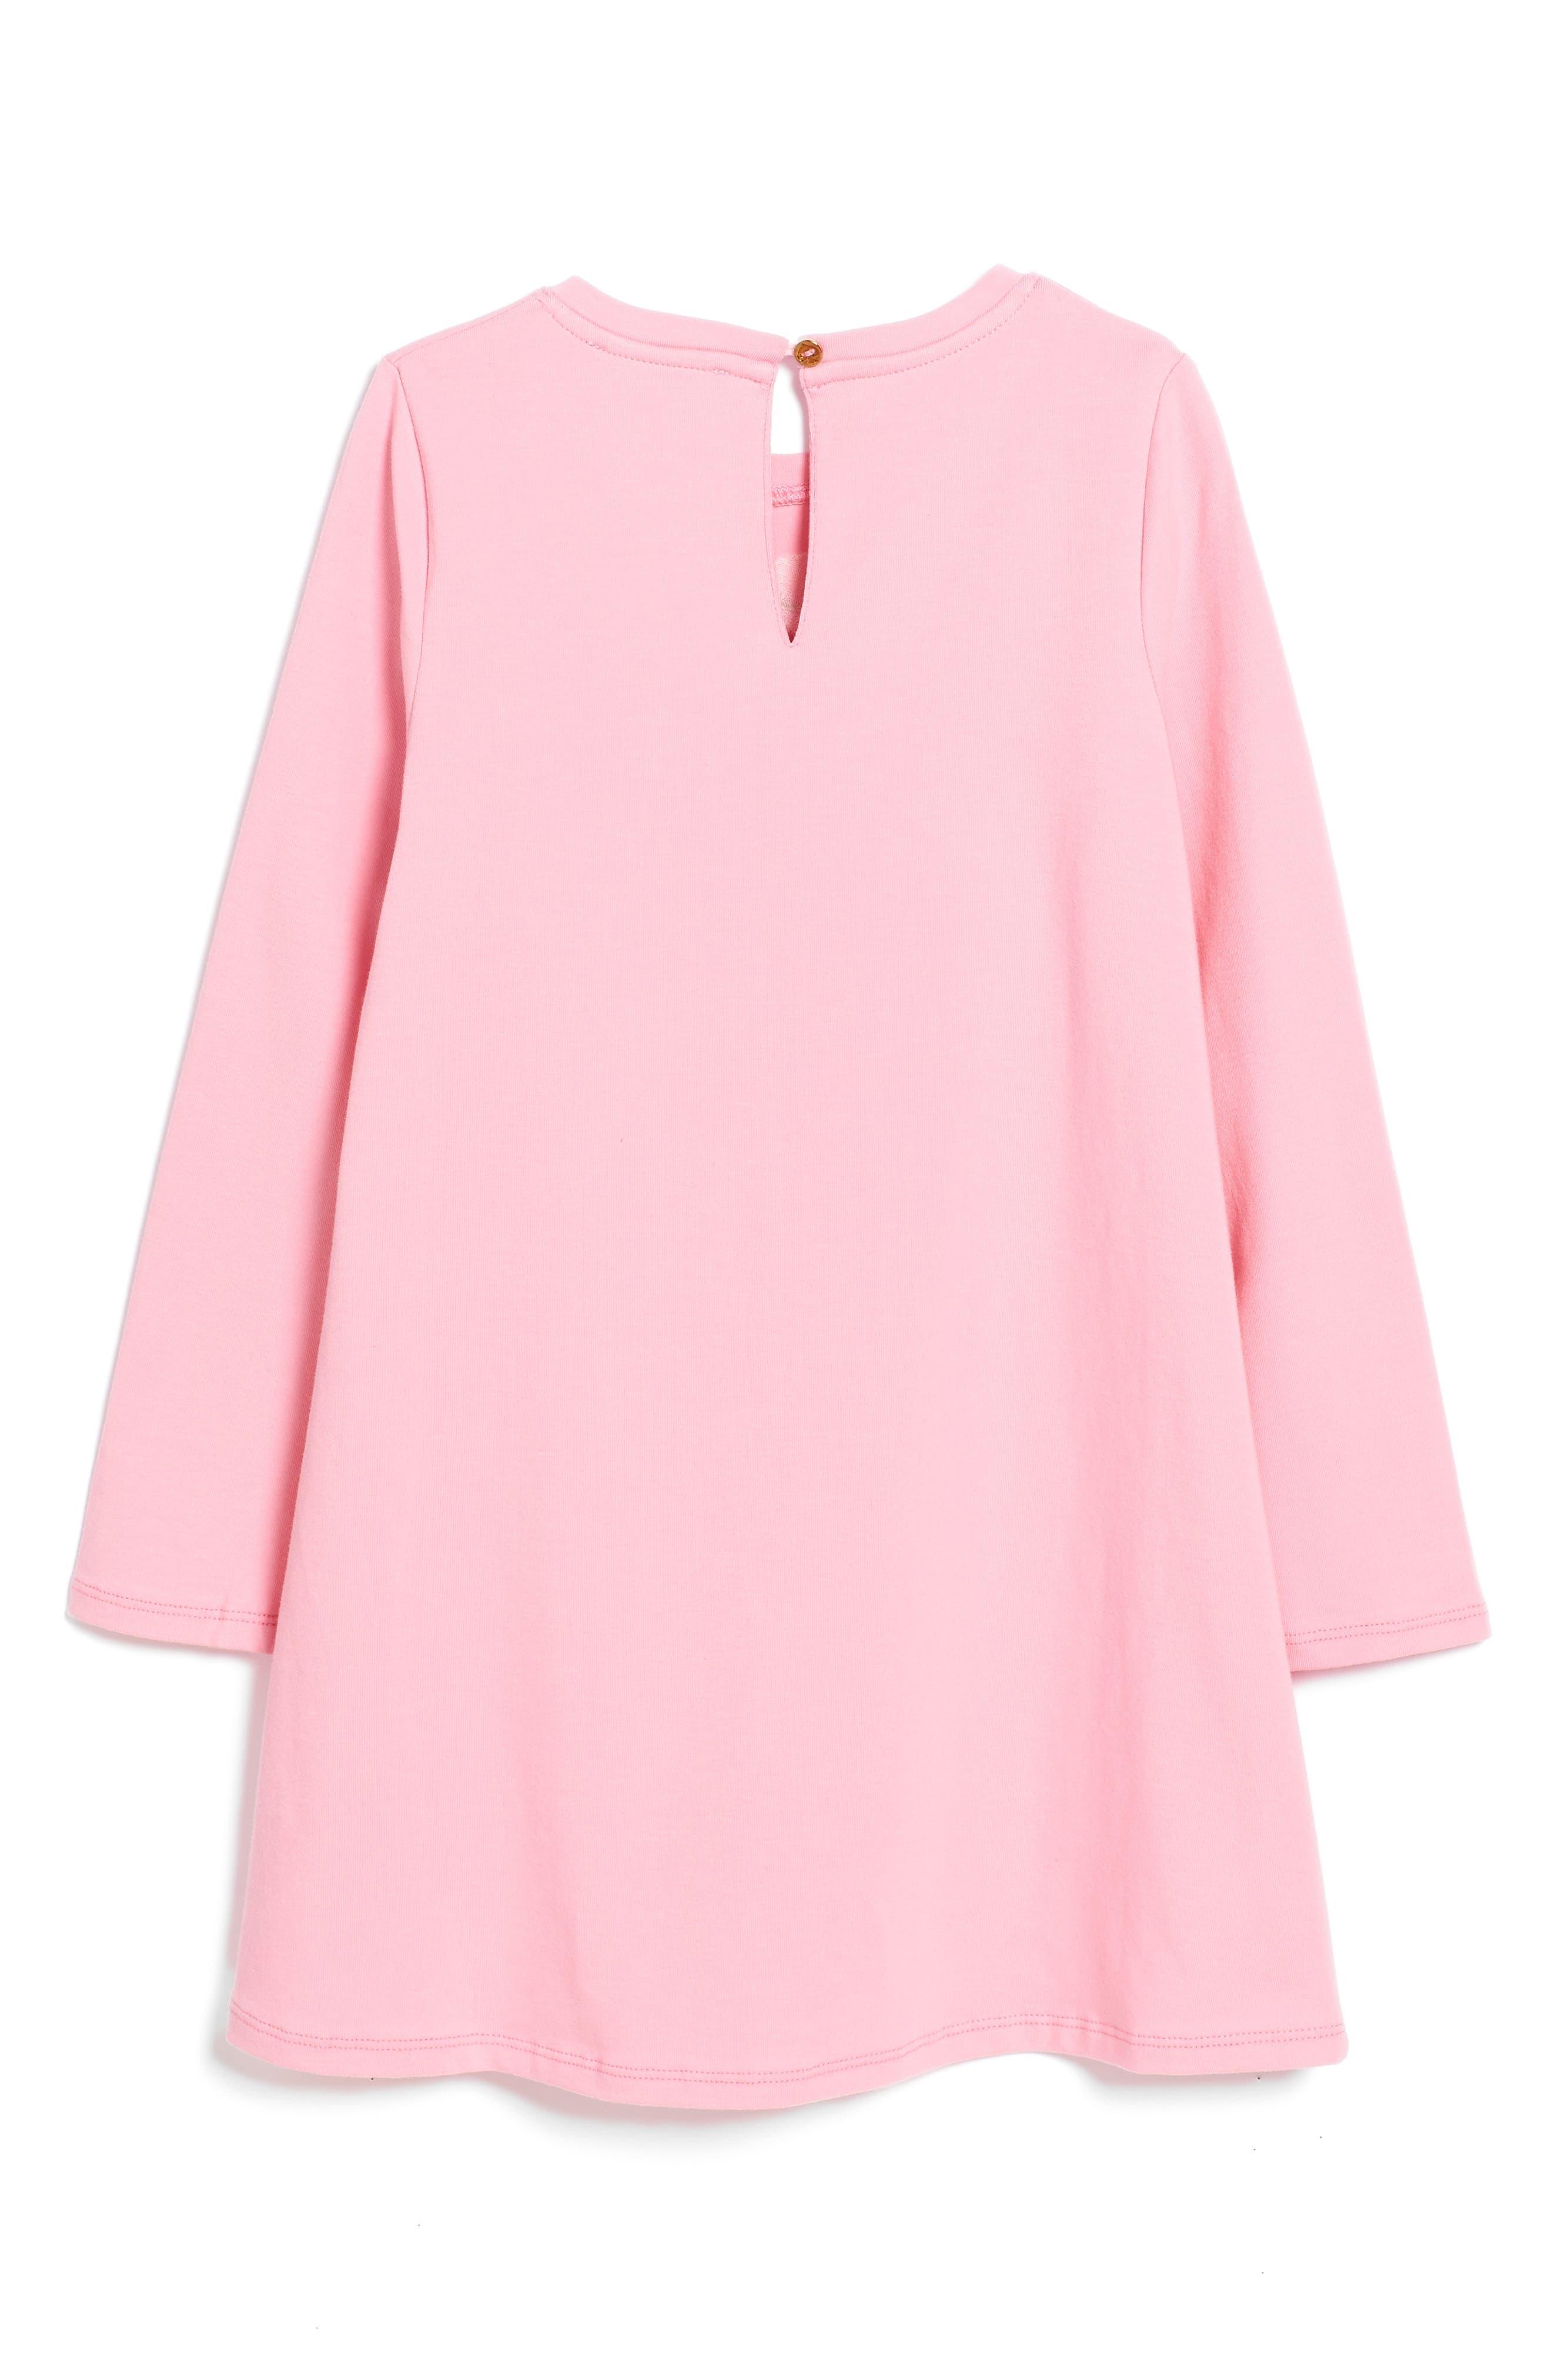 Alternate Image 2  - kate spade new york rose dress (Big Girls)